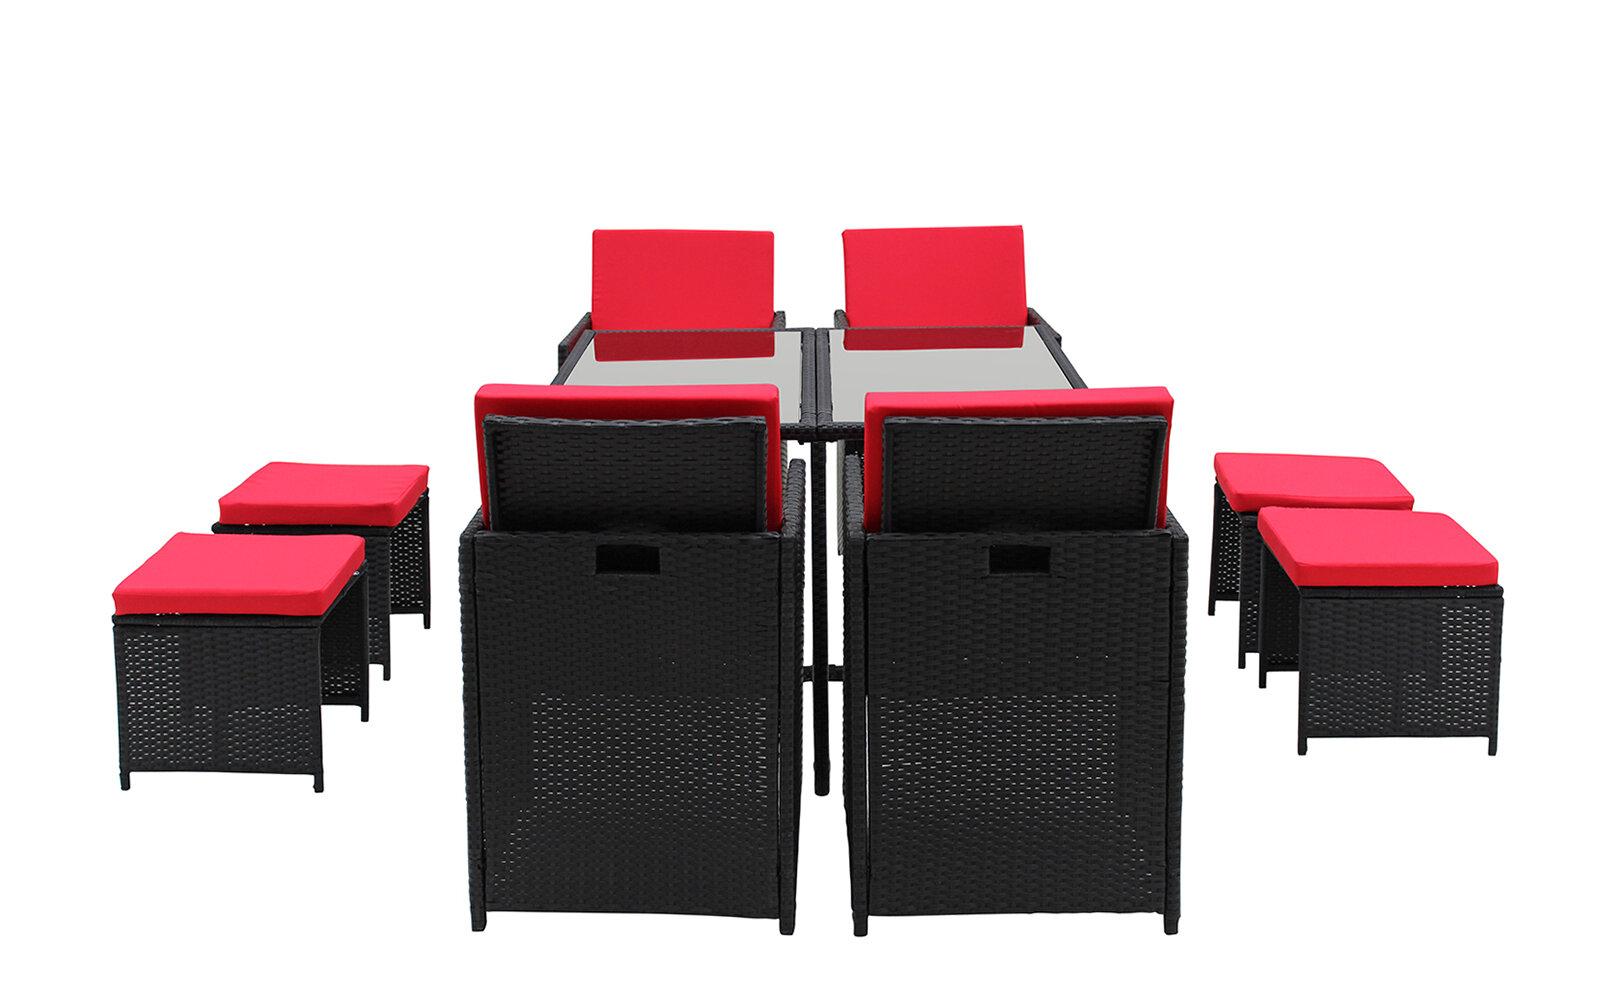 Ivy Bronx Cauley Space Saving Outdoor Furniture Rattan Patio 8 Piece Dining  Set U0026 Reviews | Wayfair